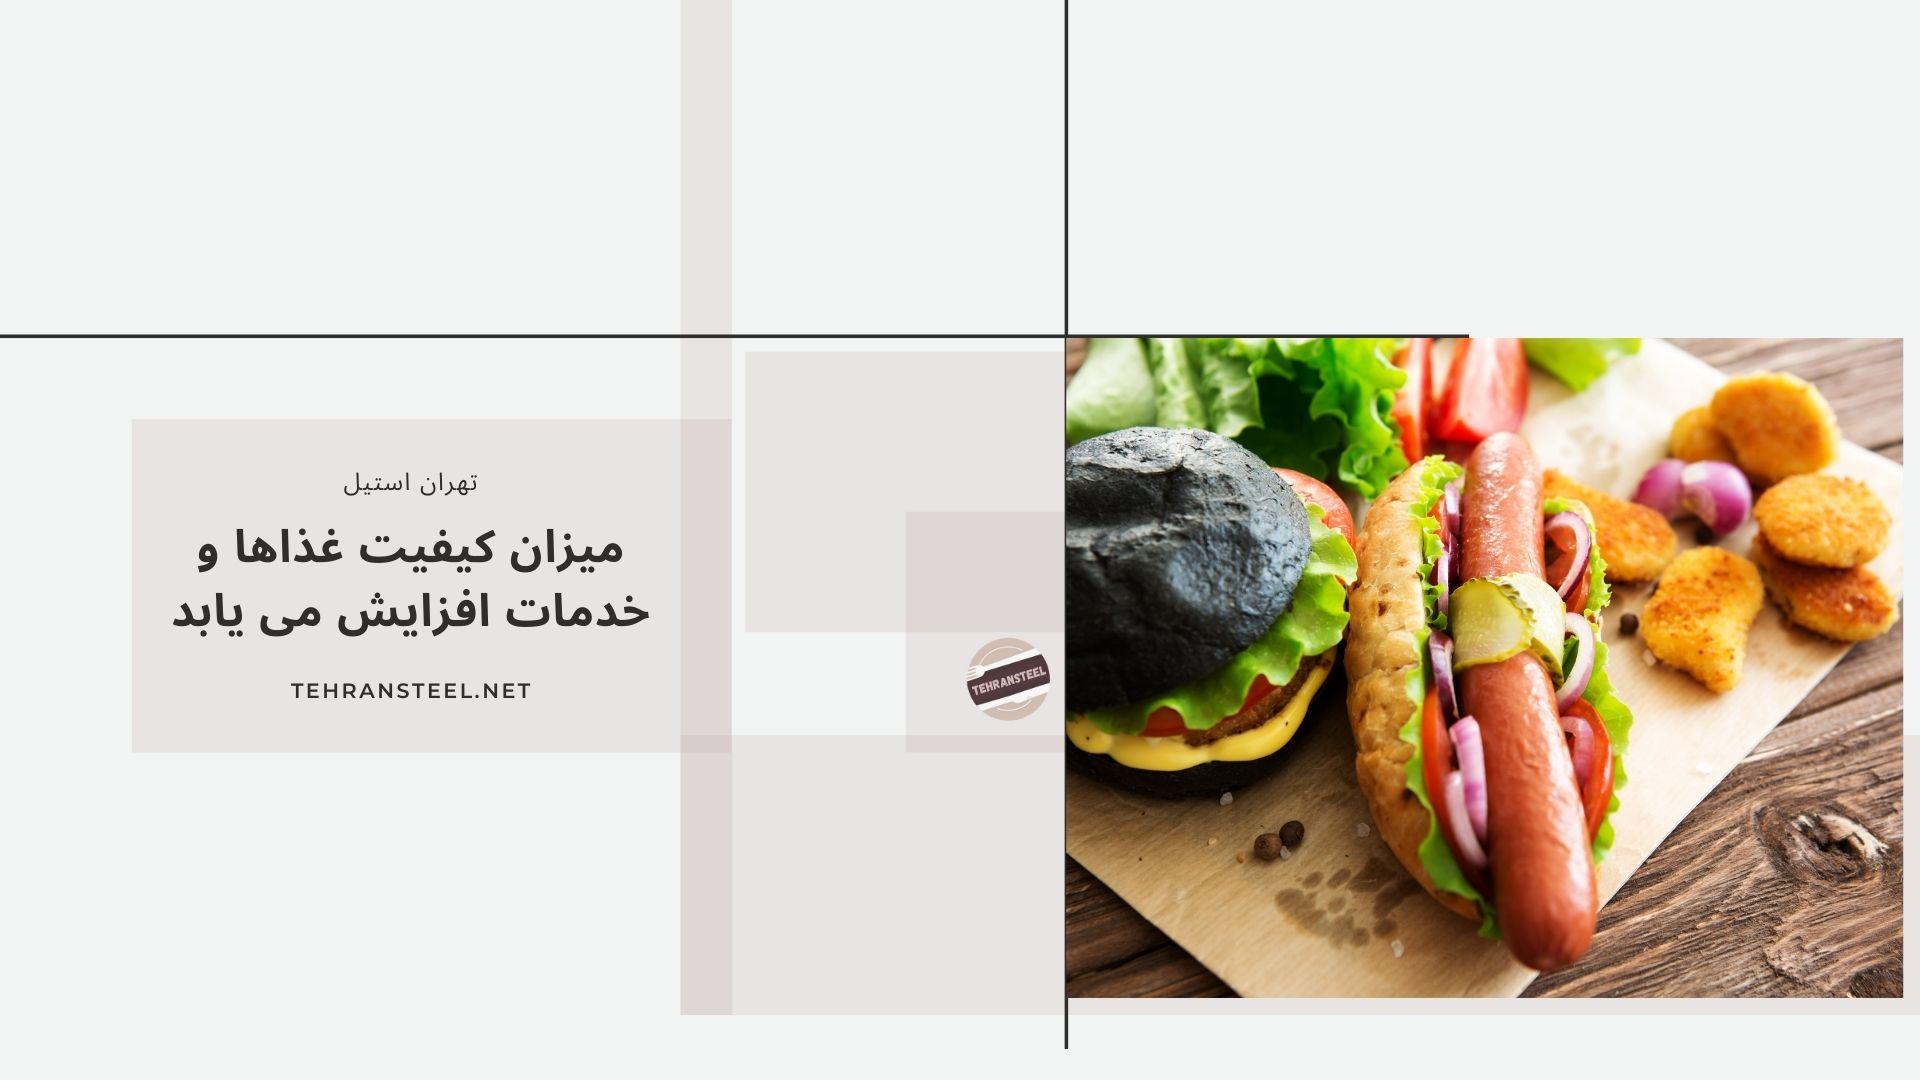 میزان کیفیت غذاها و خدمات افزایش می یابد: